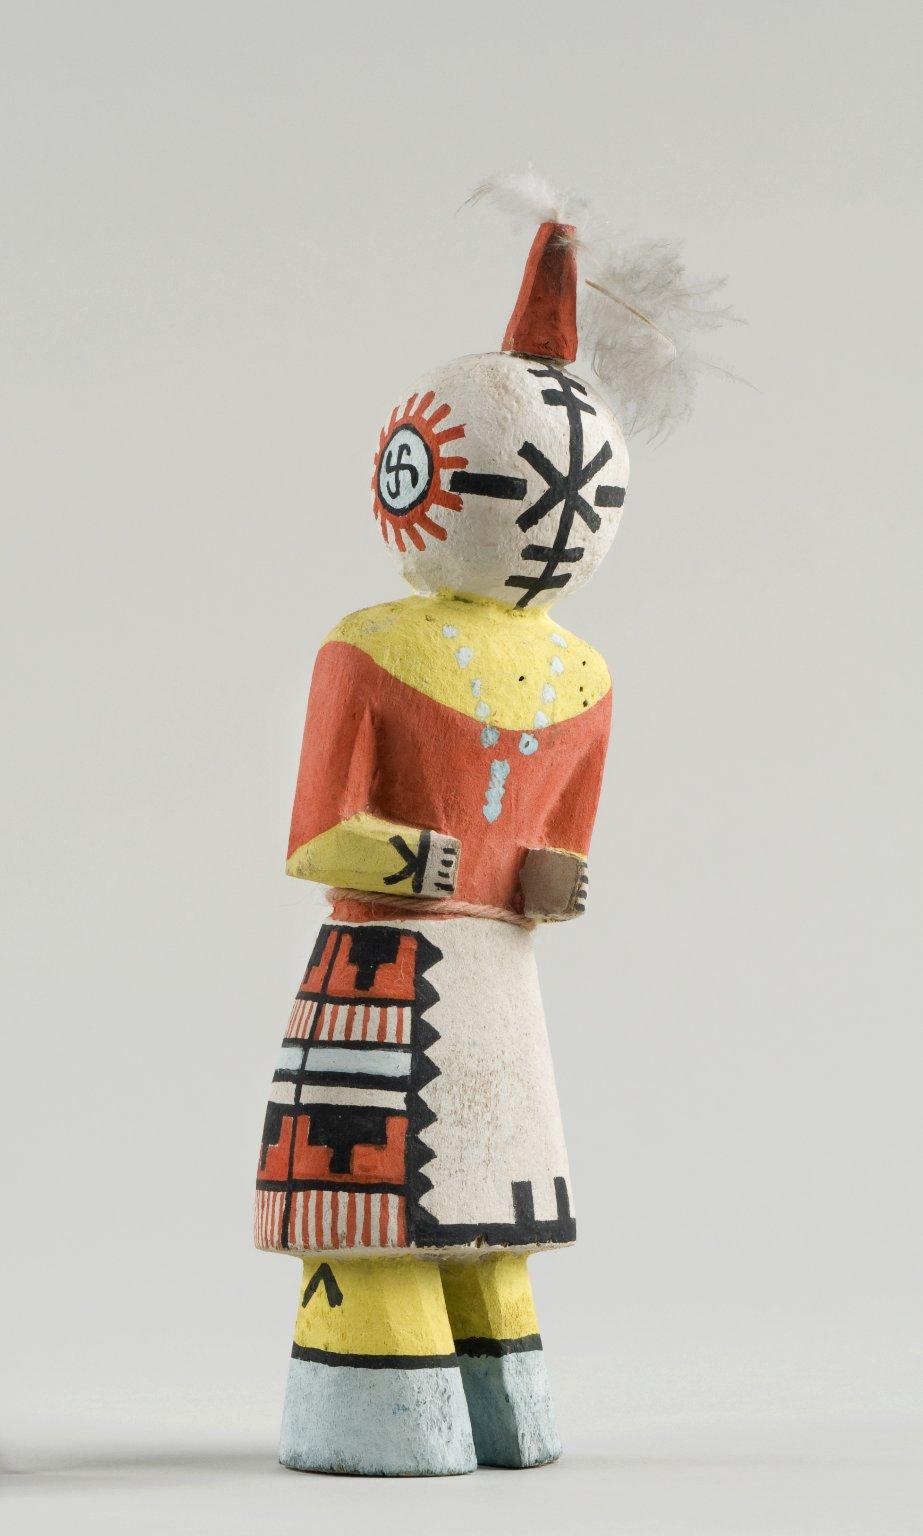 Aya Kachina Doll